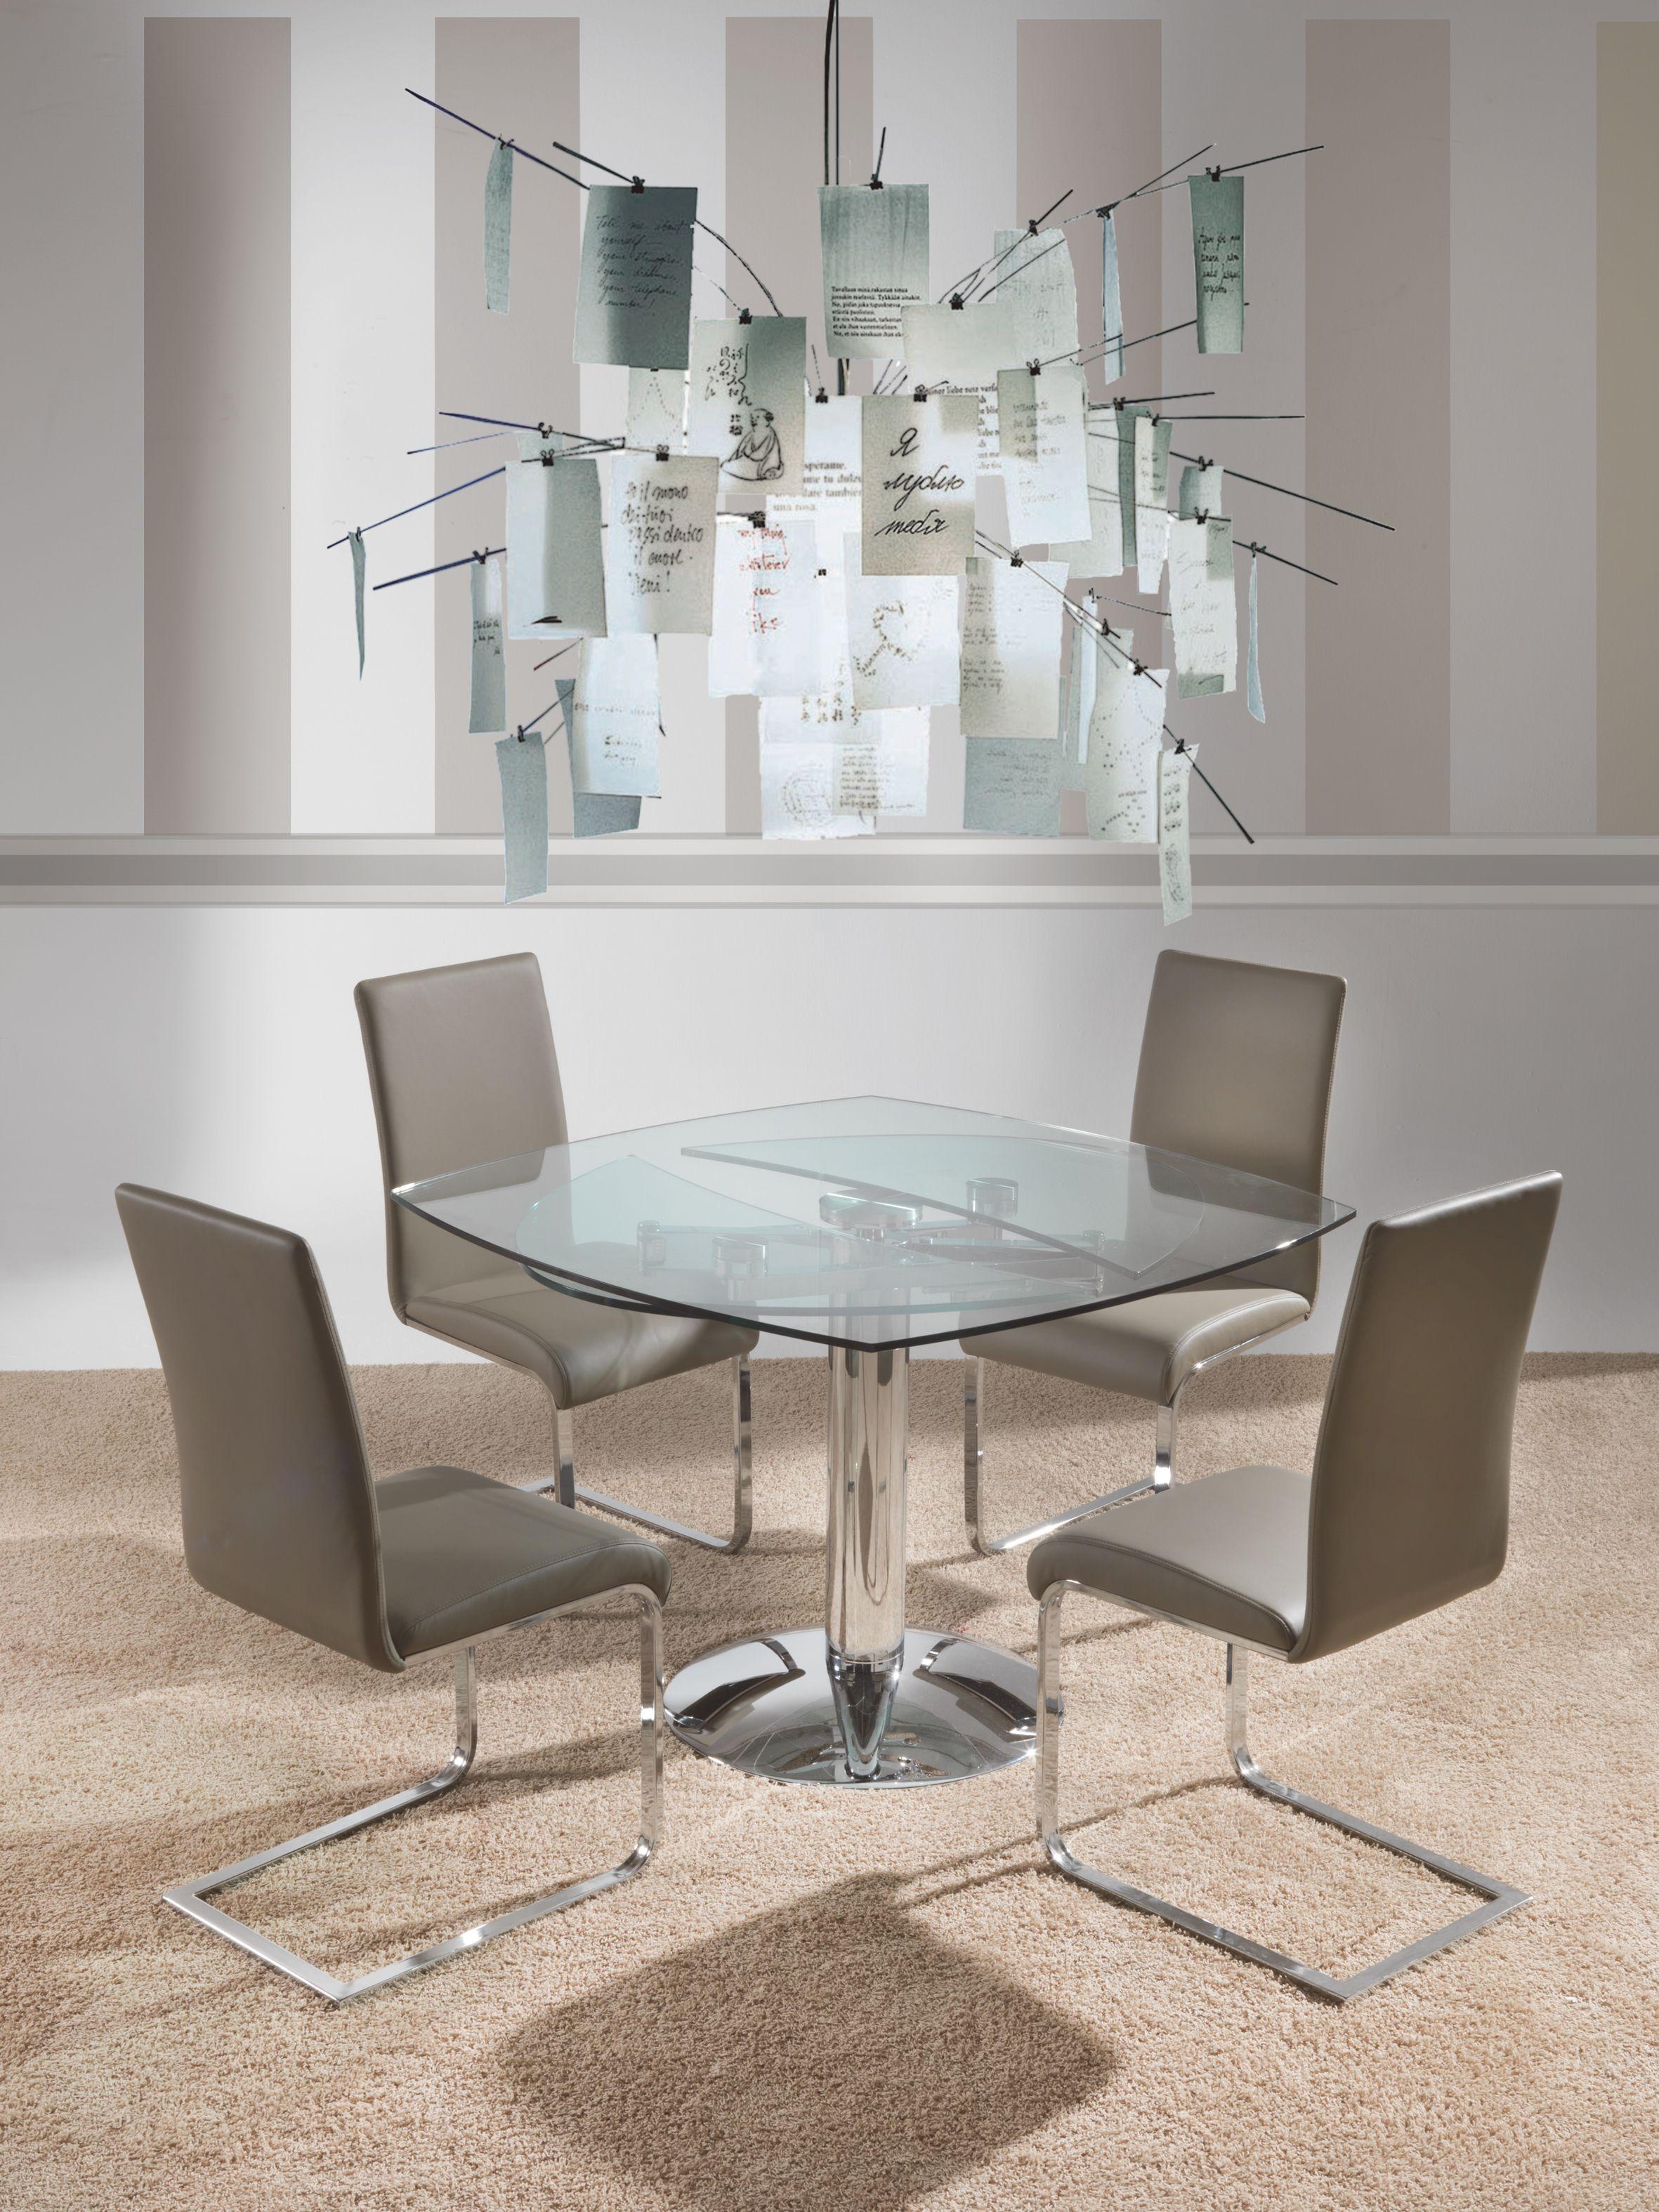 0d17ae0754e0278bac05fe7b3d62f503 Unique De Table Salle A Manger Design Schème